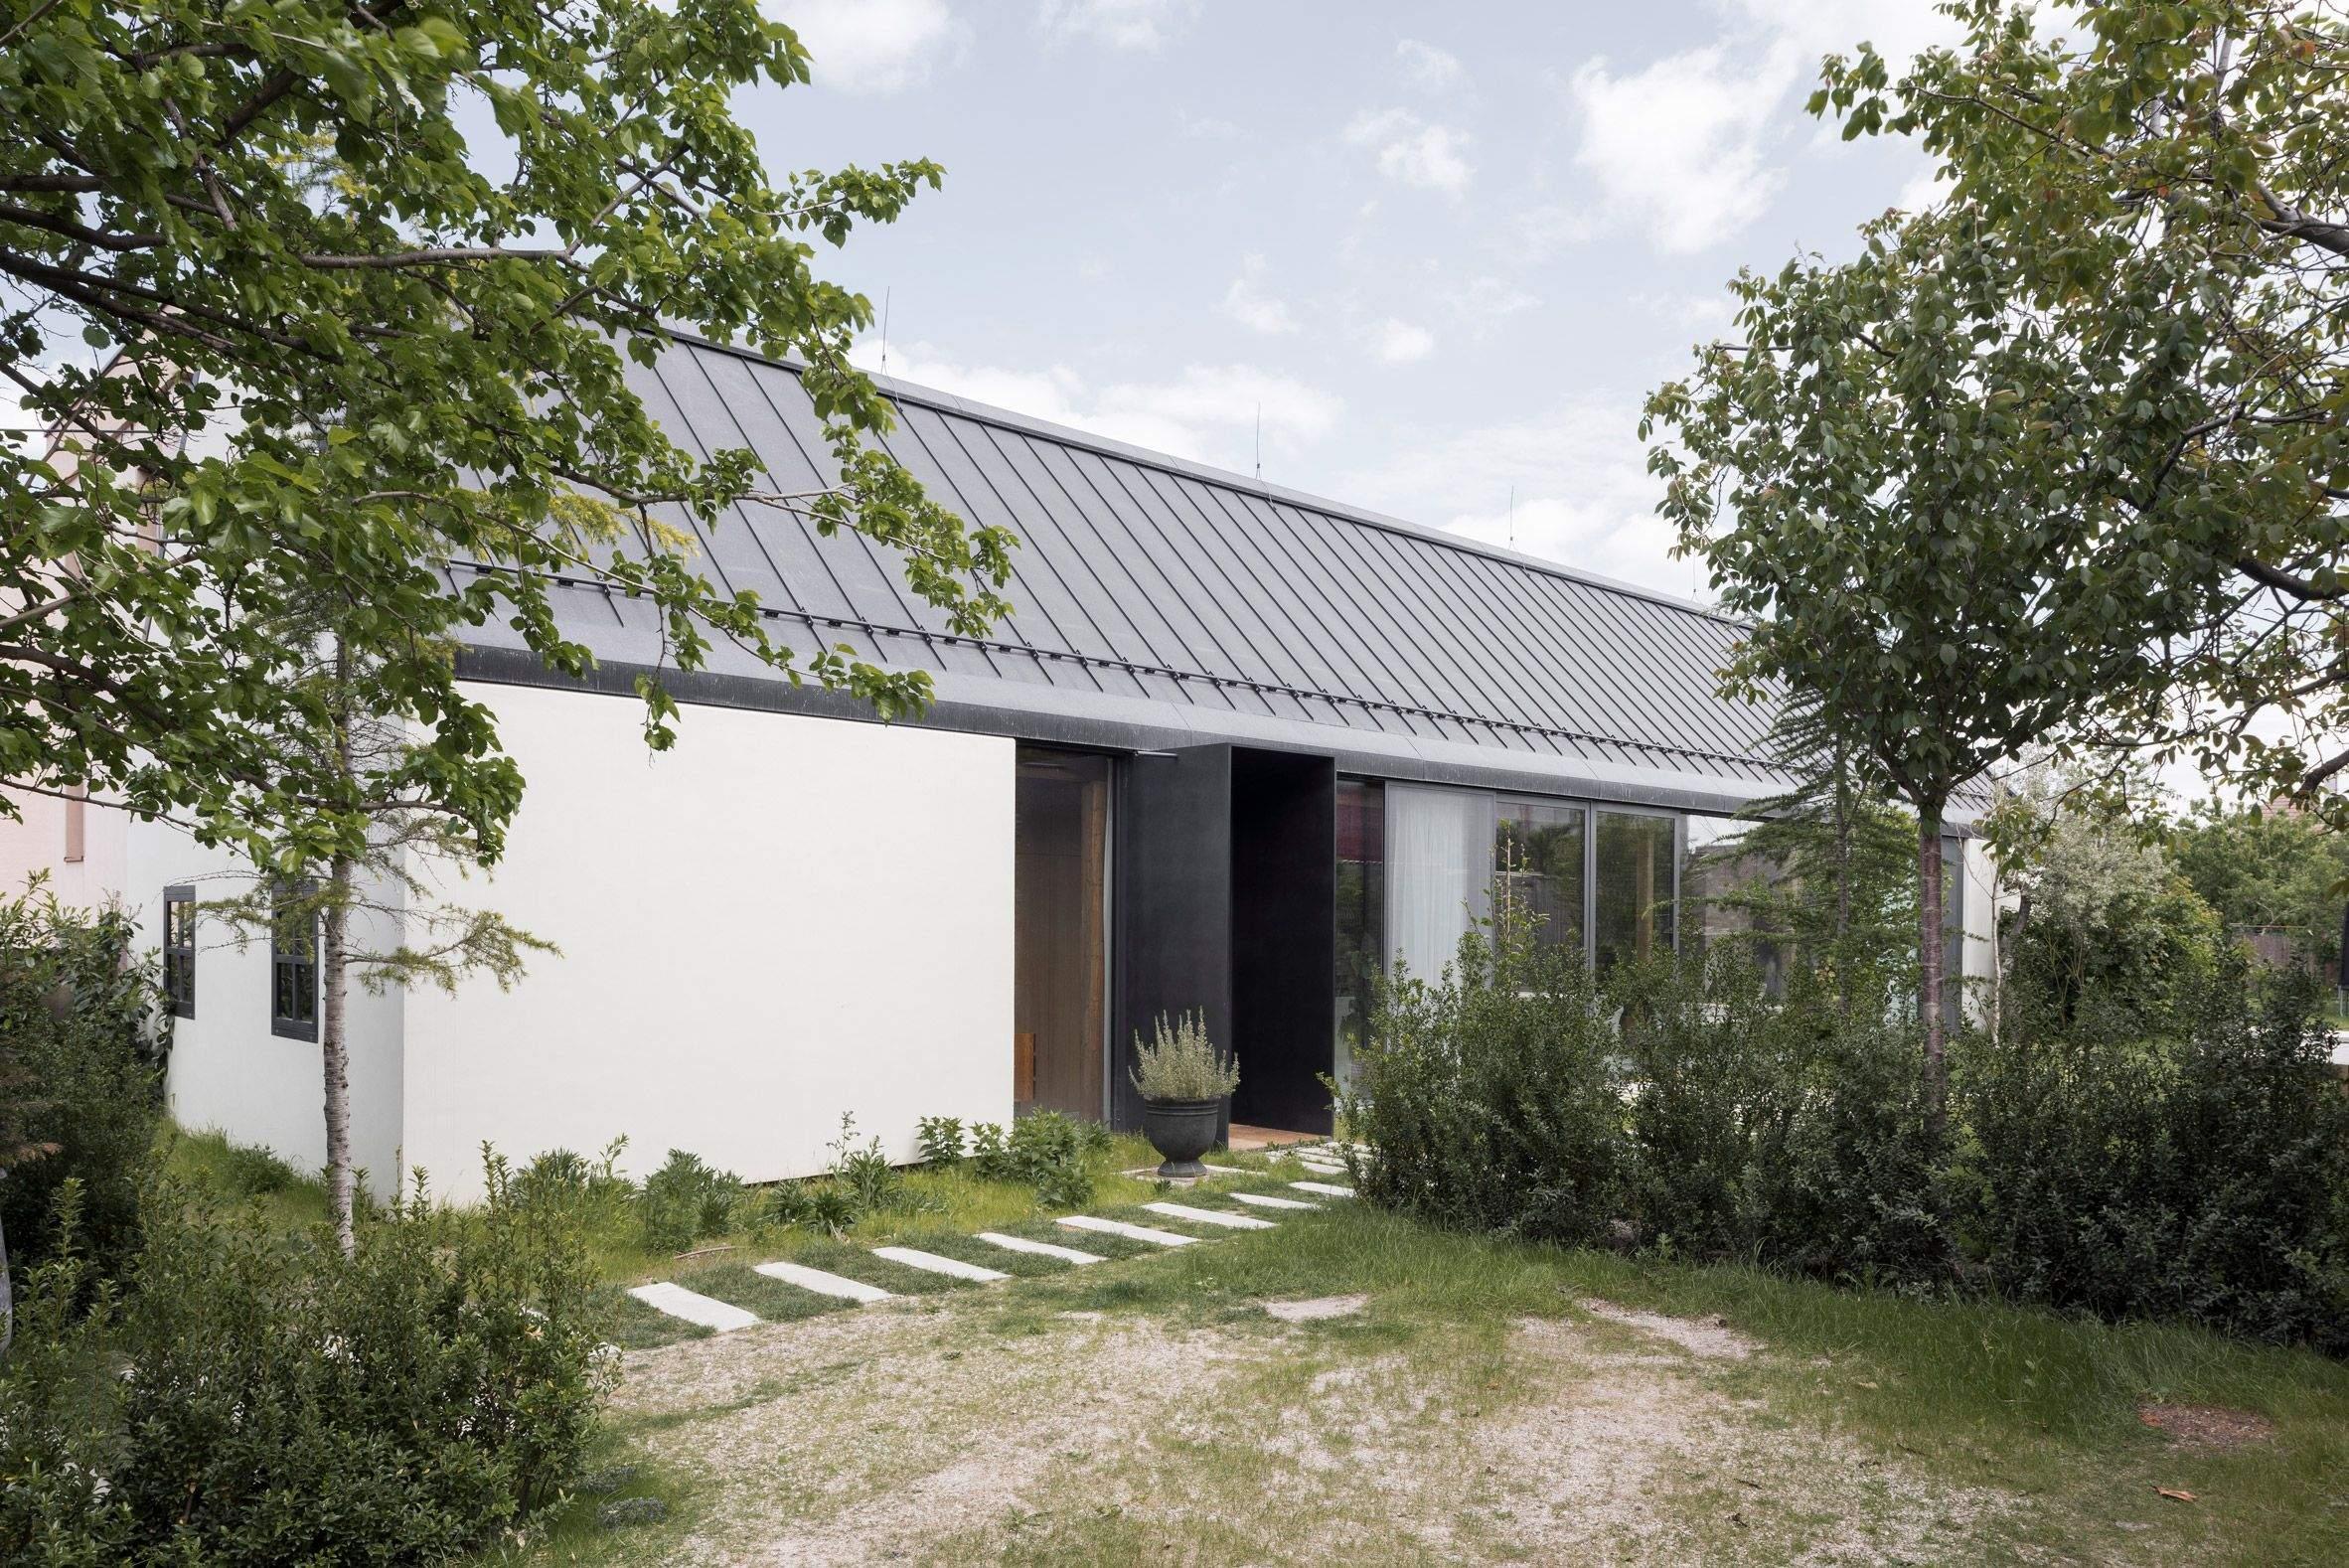 Зовні будинок виглядає досить просто